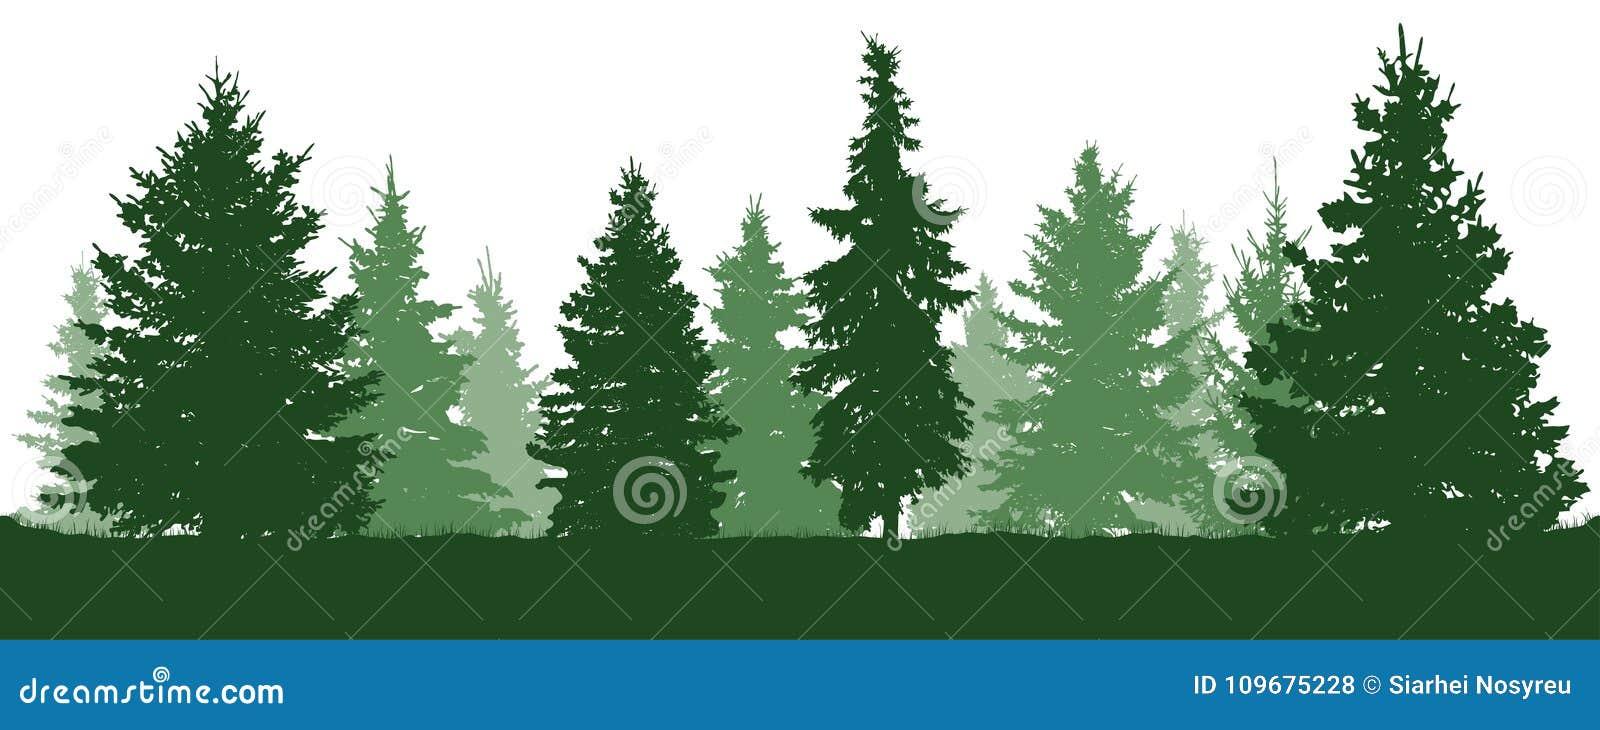 Δασική σκιαγραφία δέντρων έλατου Κωνοφόρες πράσινες ερυθρελάτες Διάνυσμα στο άσπρο υπόβαθρο